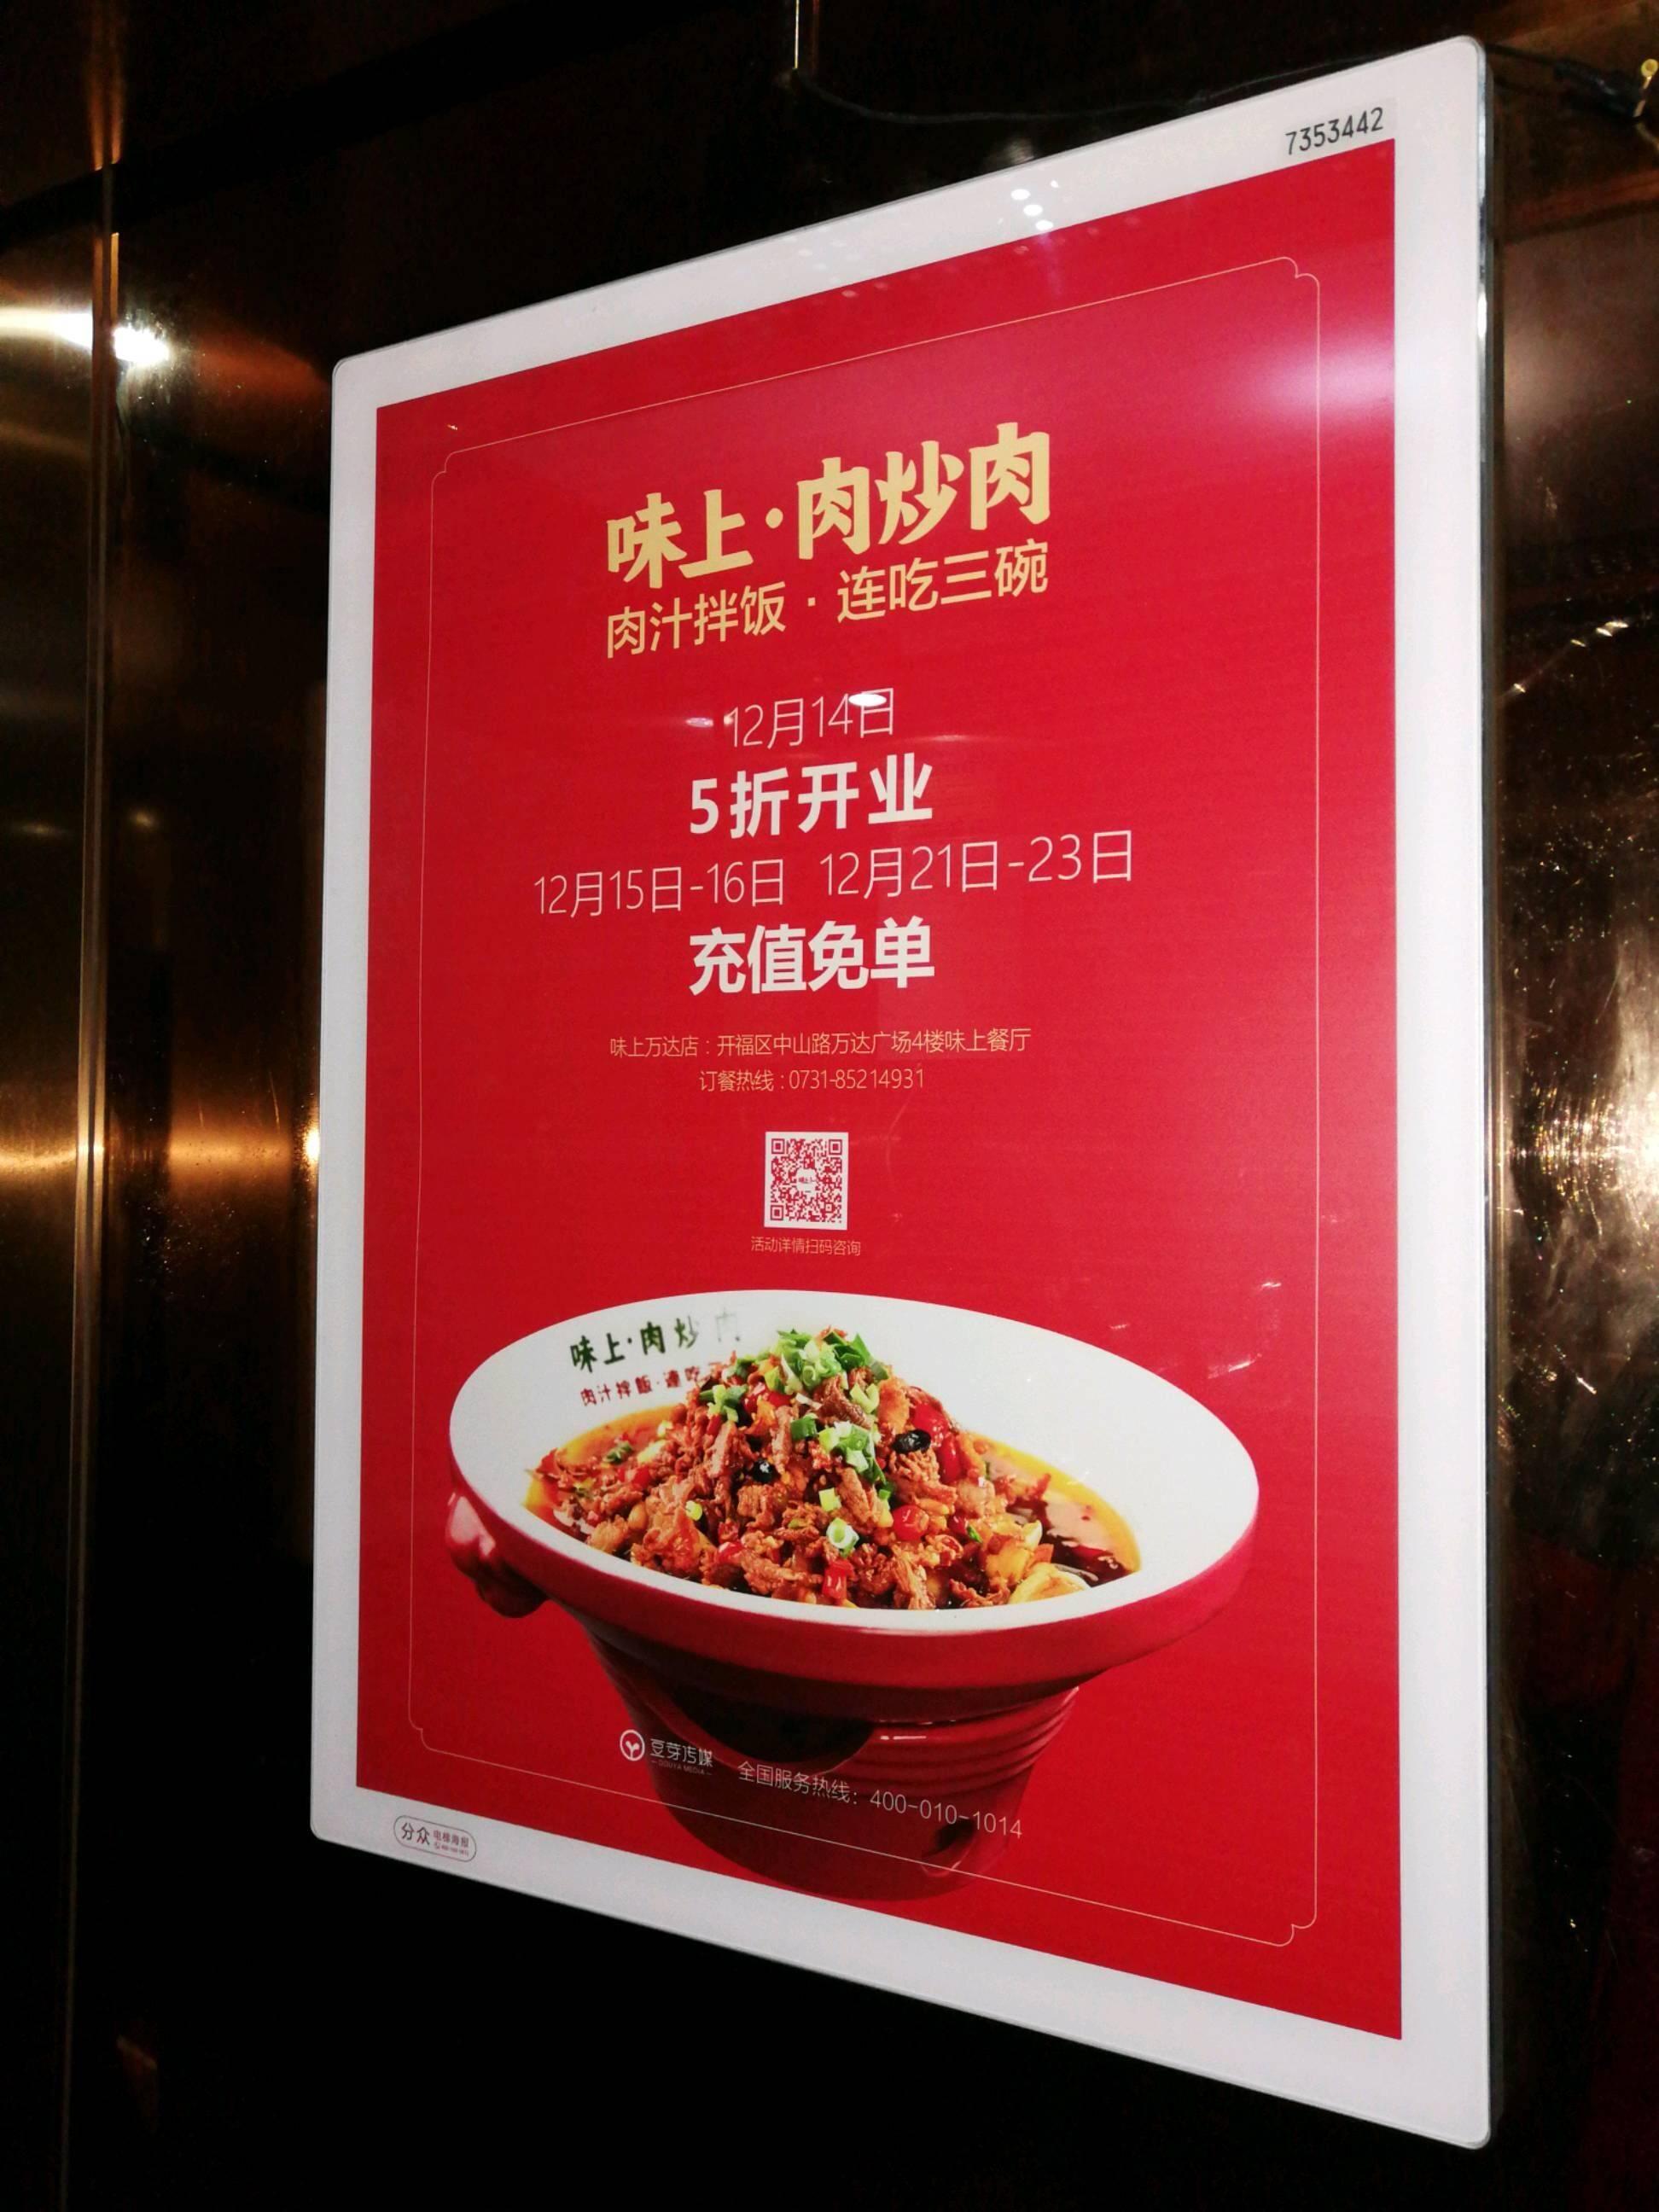 苏州电梯广告公司广告牌框架3.0投放(100框起投)